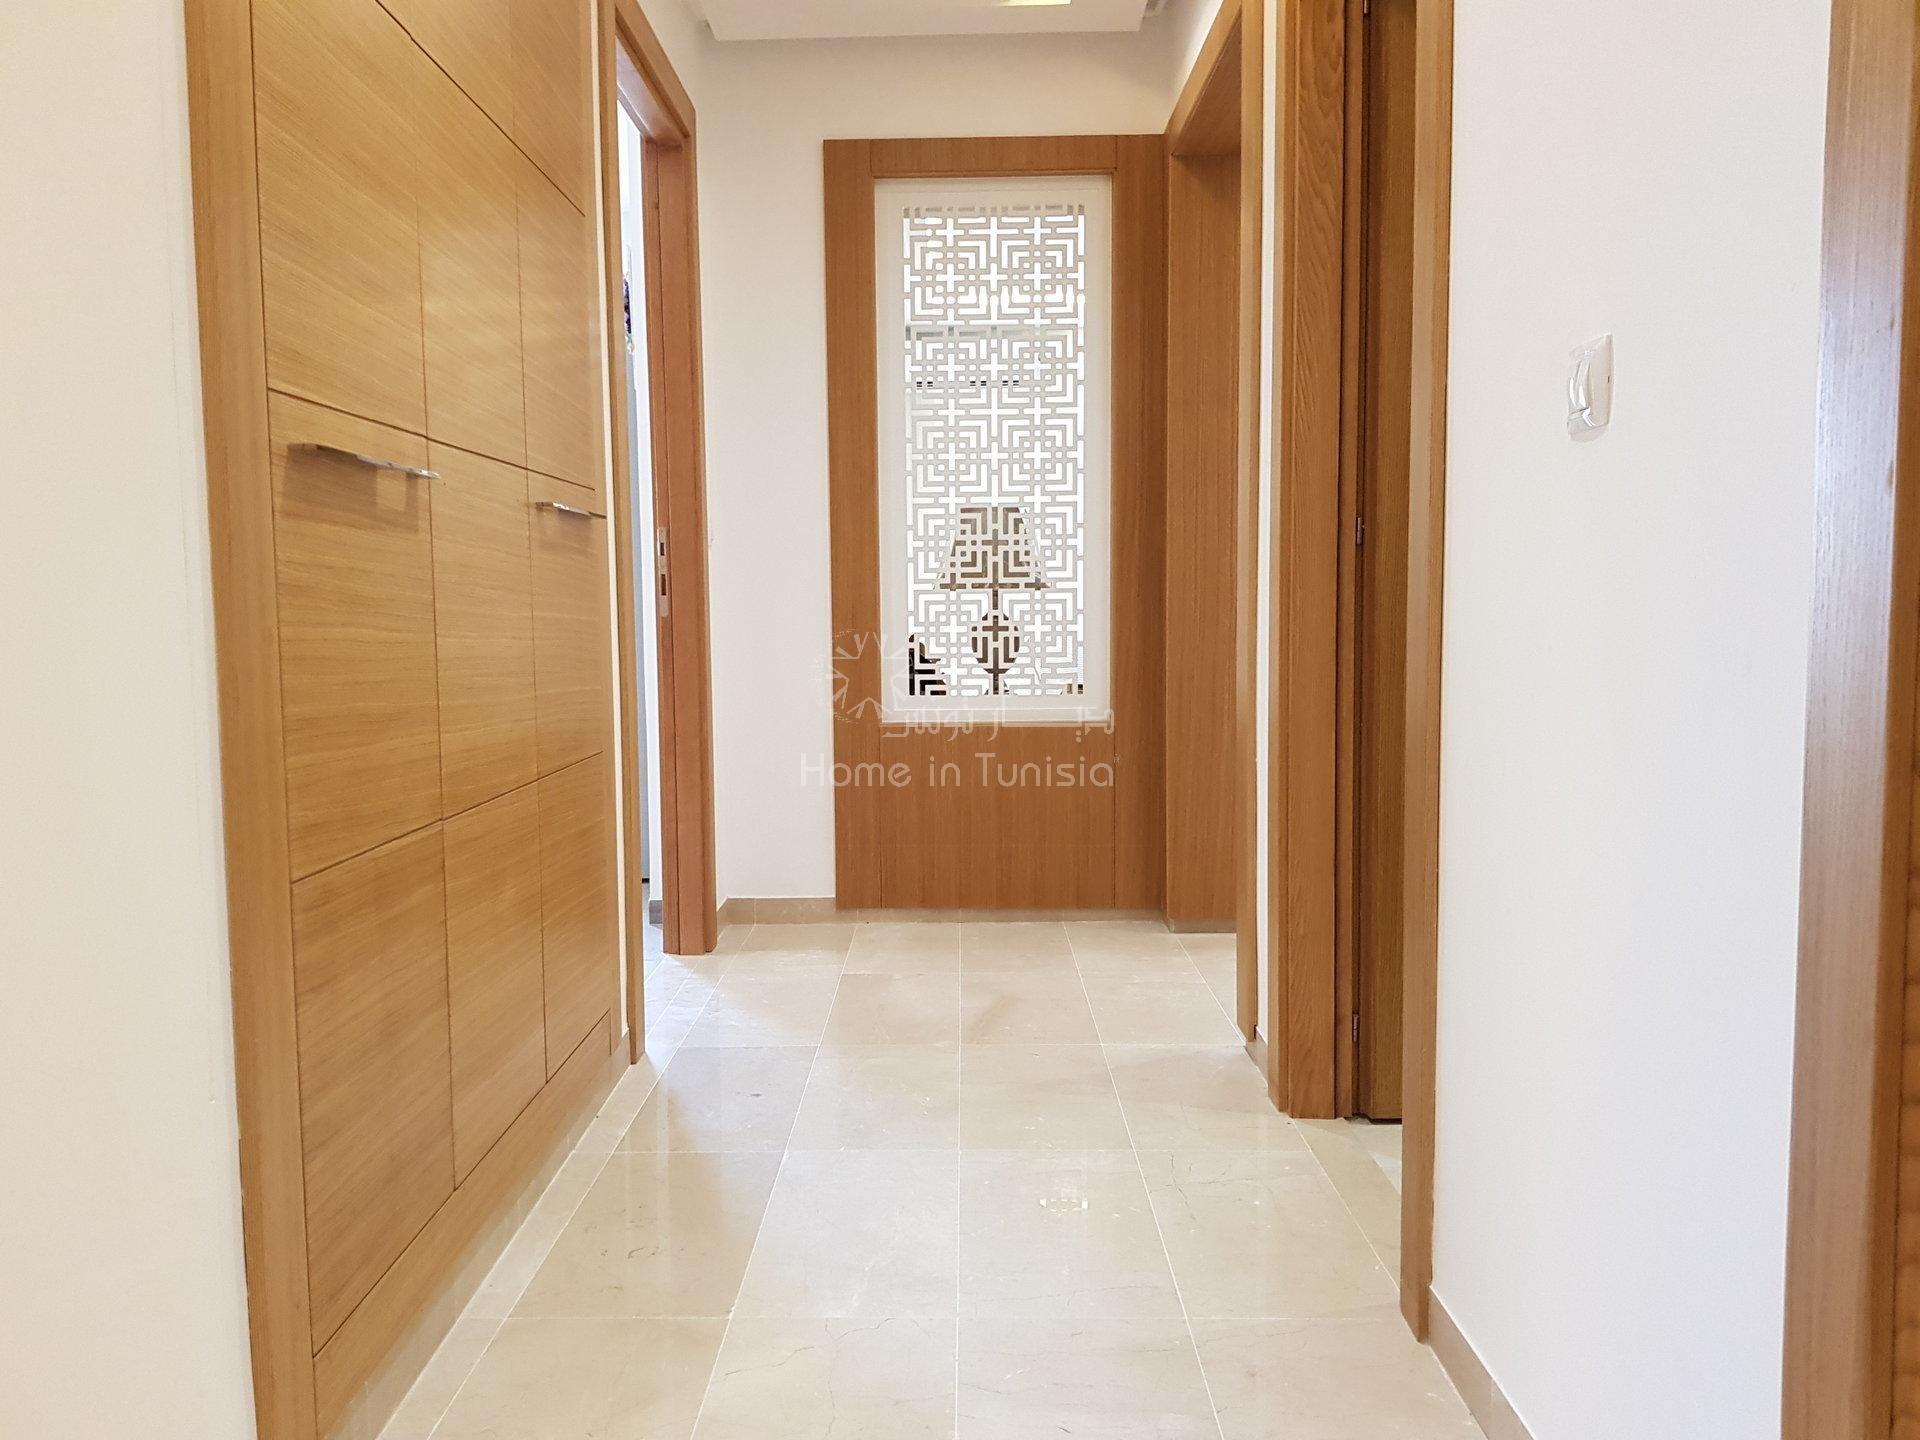 Vente Sublime Appartement à Sahloul 1